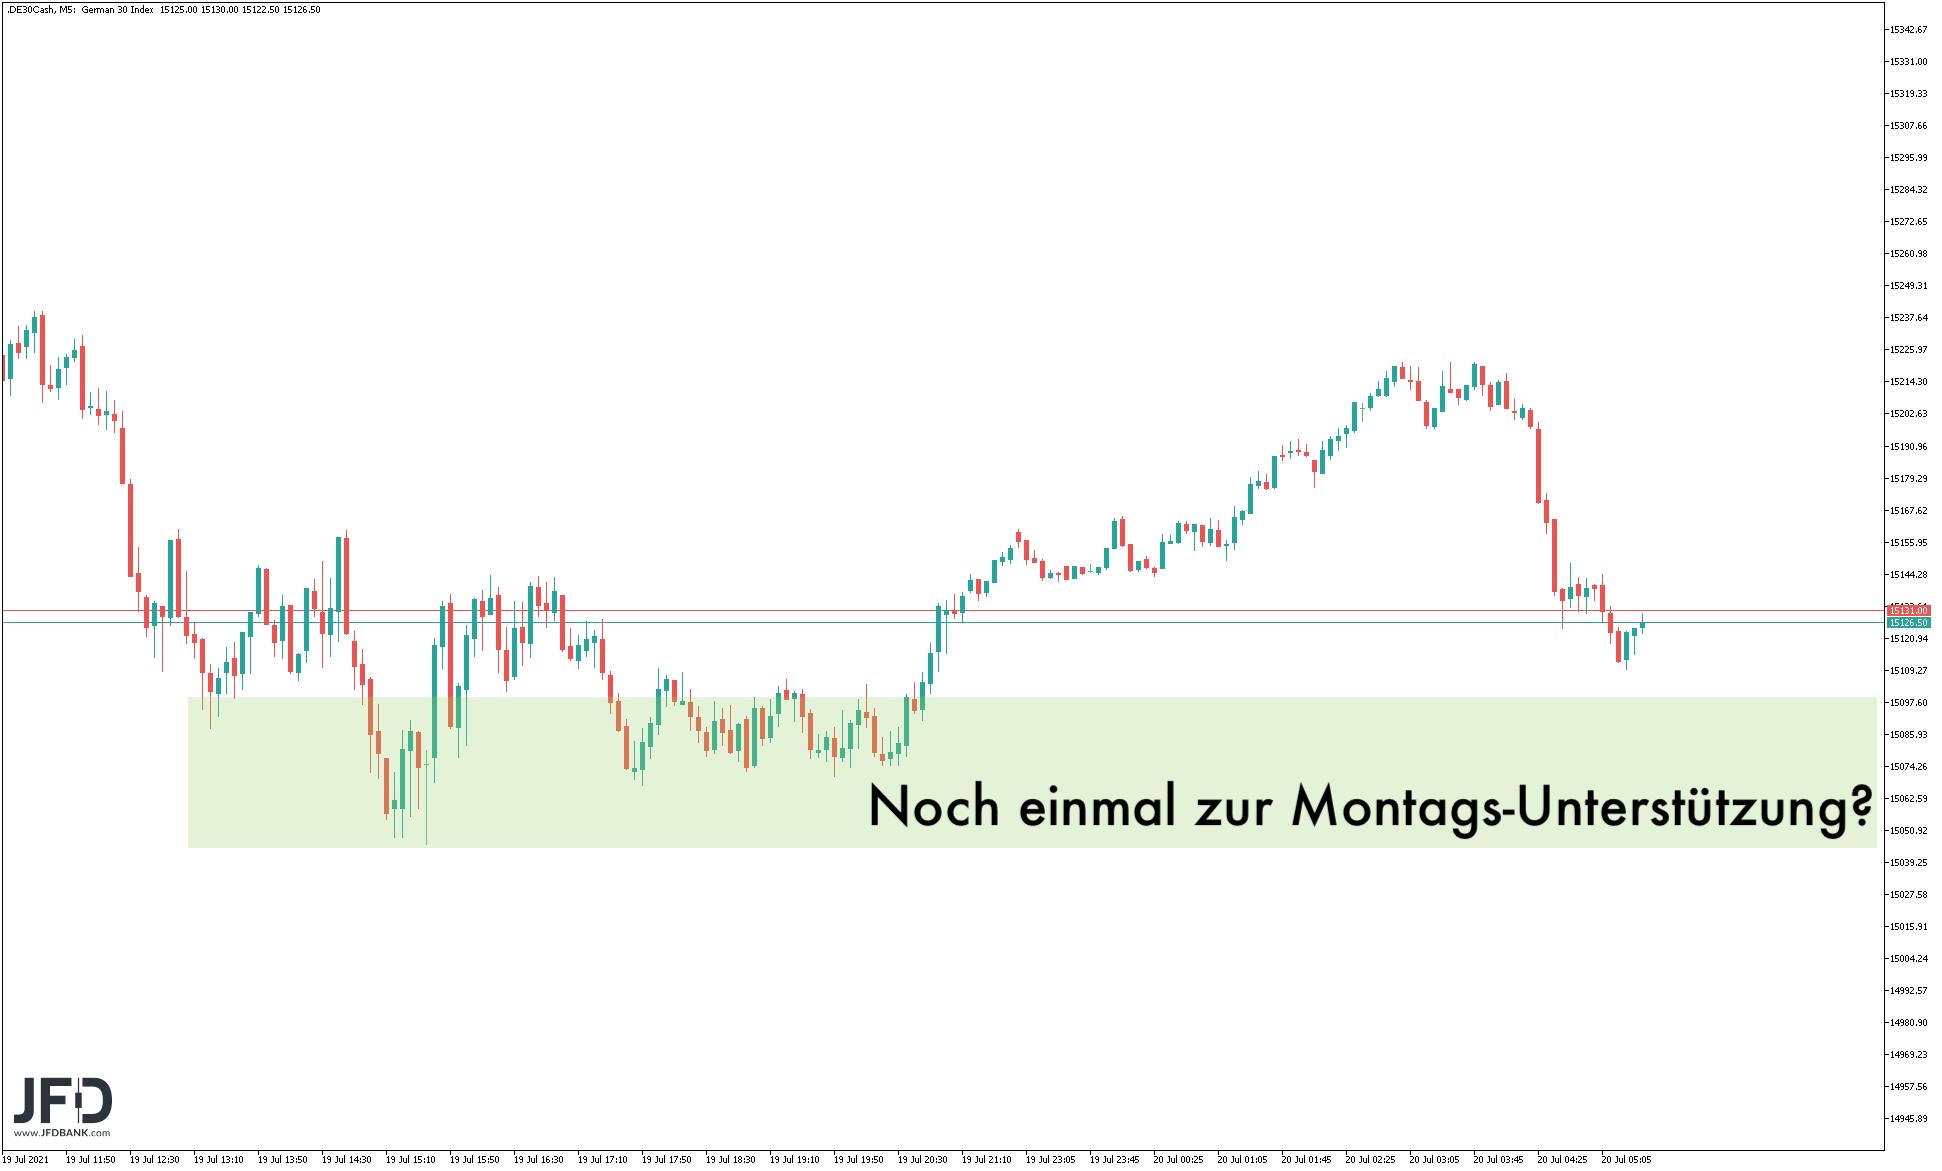 Dominiert-das-größere-Signal-im-DAX-heute-weiter-Kommentar-JFD-Bank-GodmodeTrader.de-6